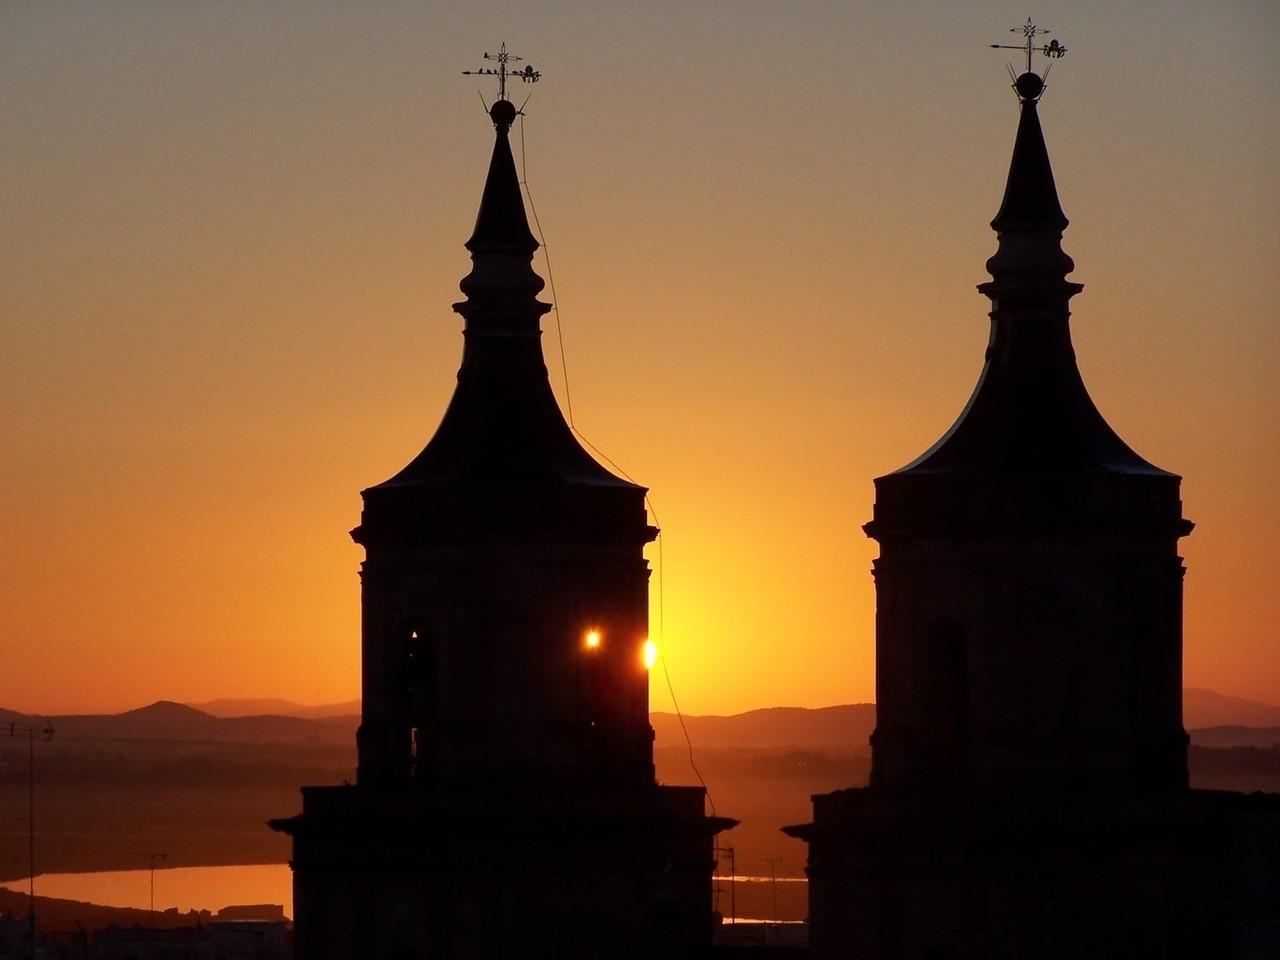 Gdzie kupić szaty liturgiczne?